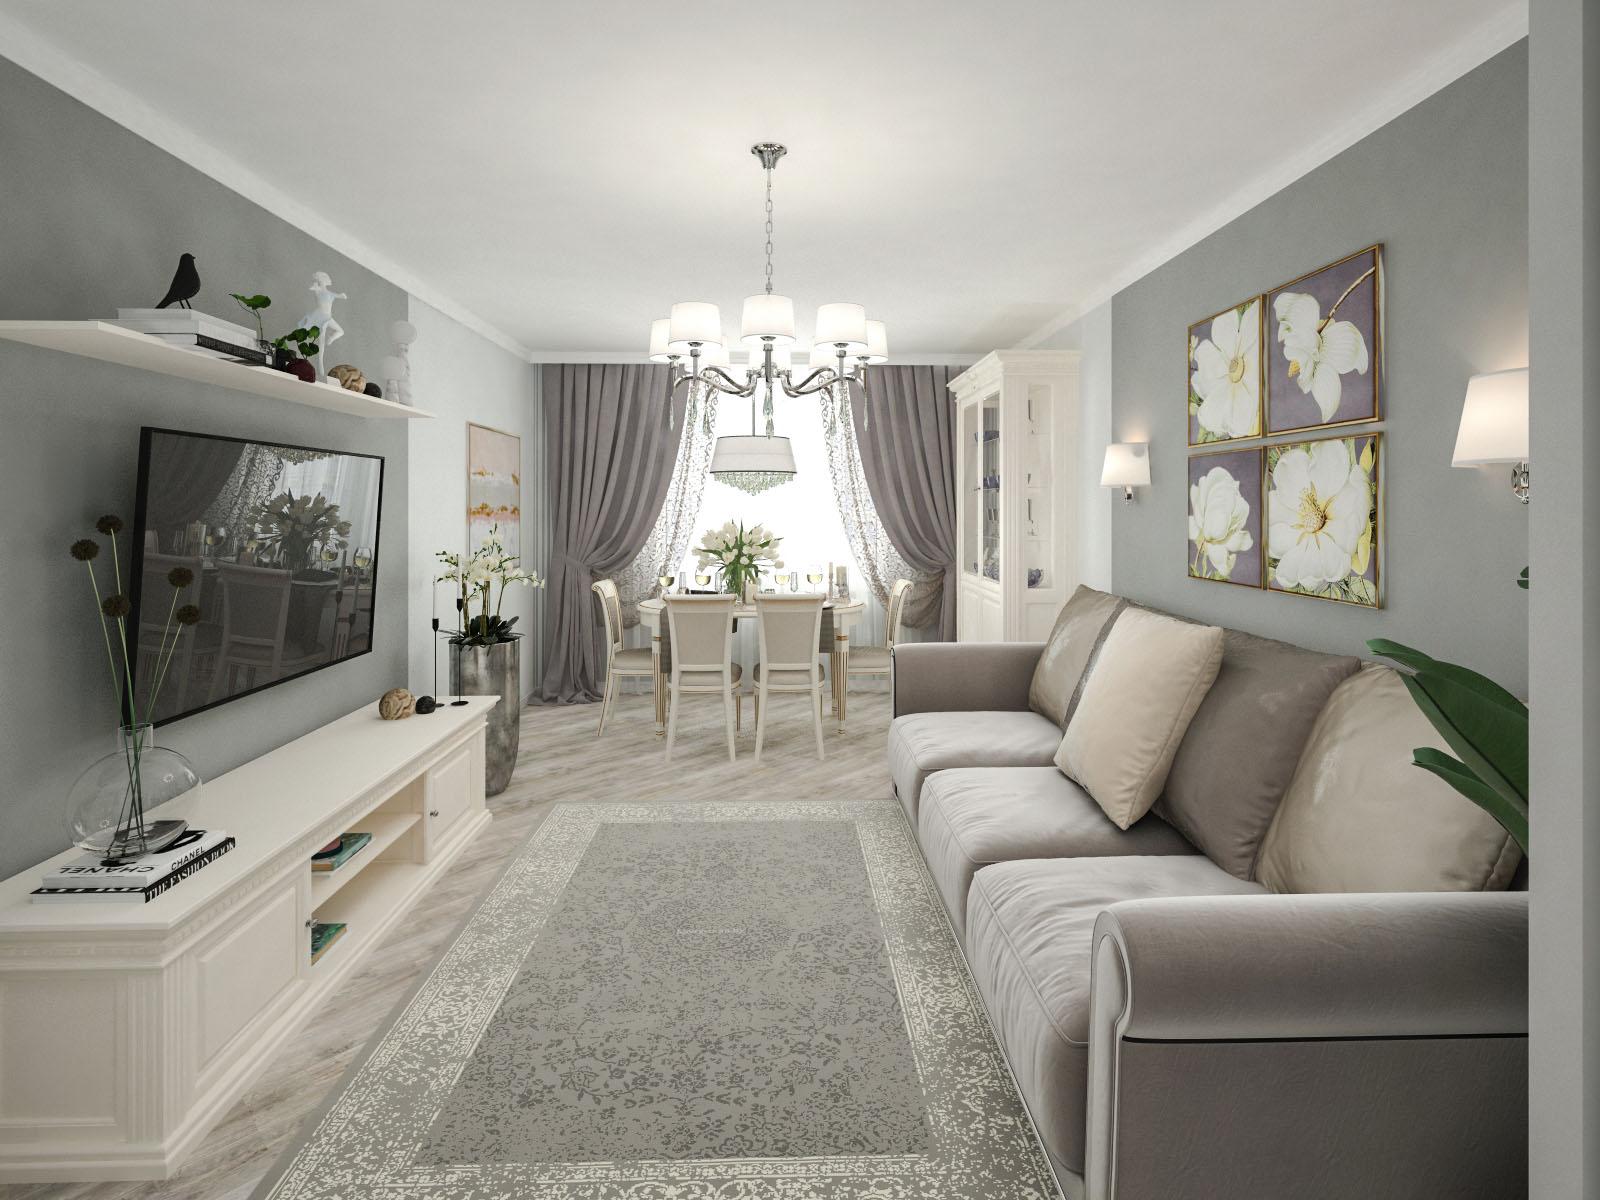 Дизайн интерьера 2-х комнатной квартиры на ул. Янки Брыля, 5